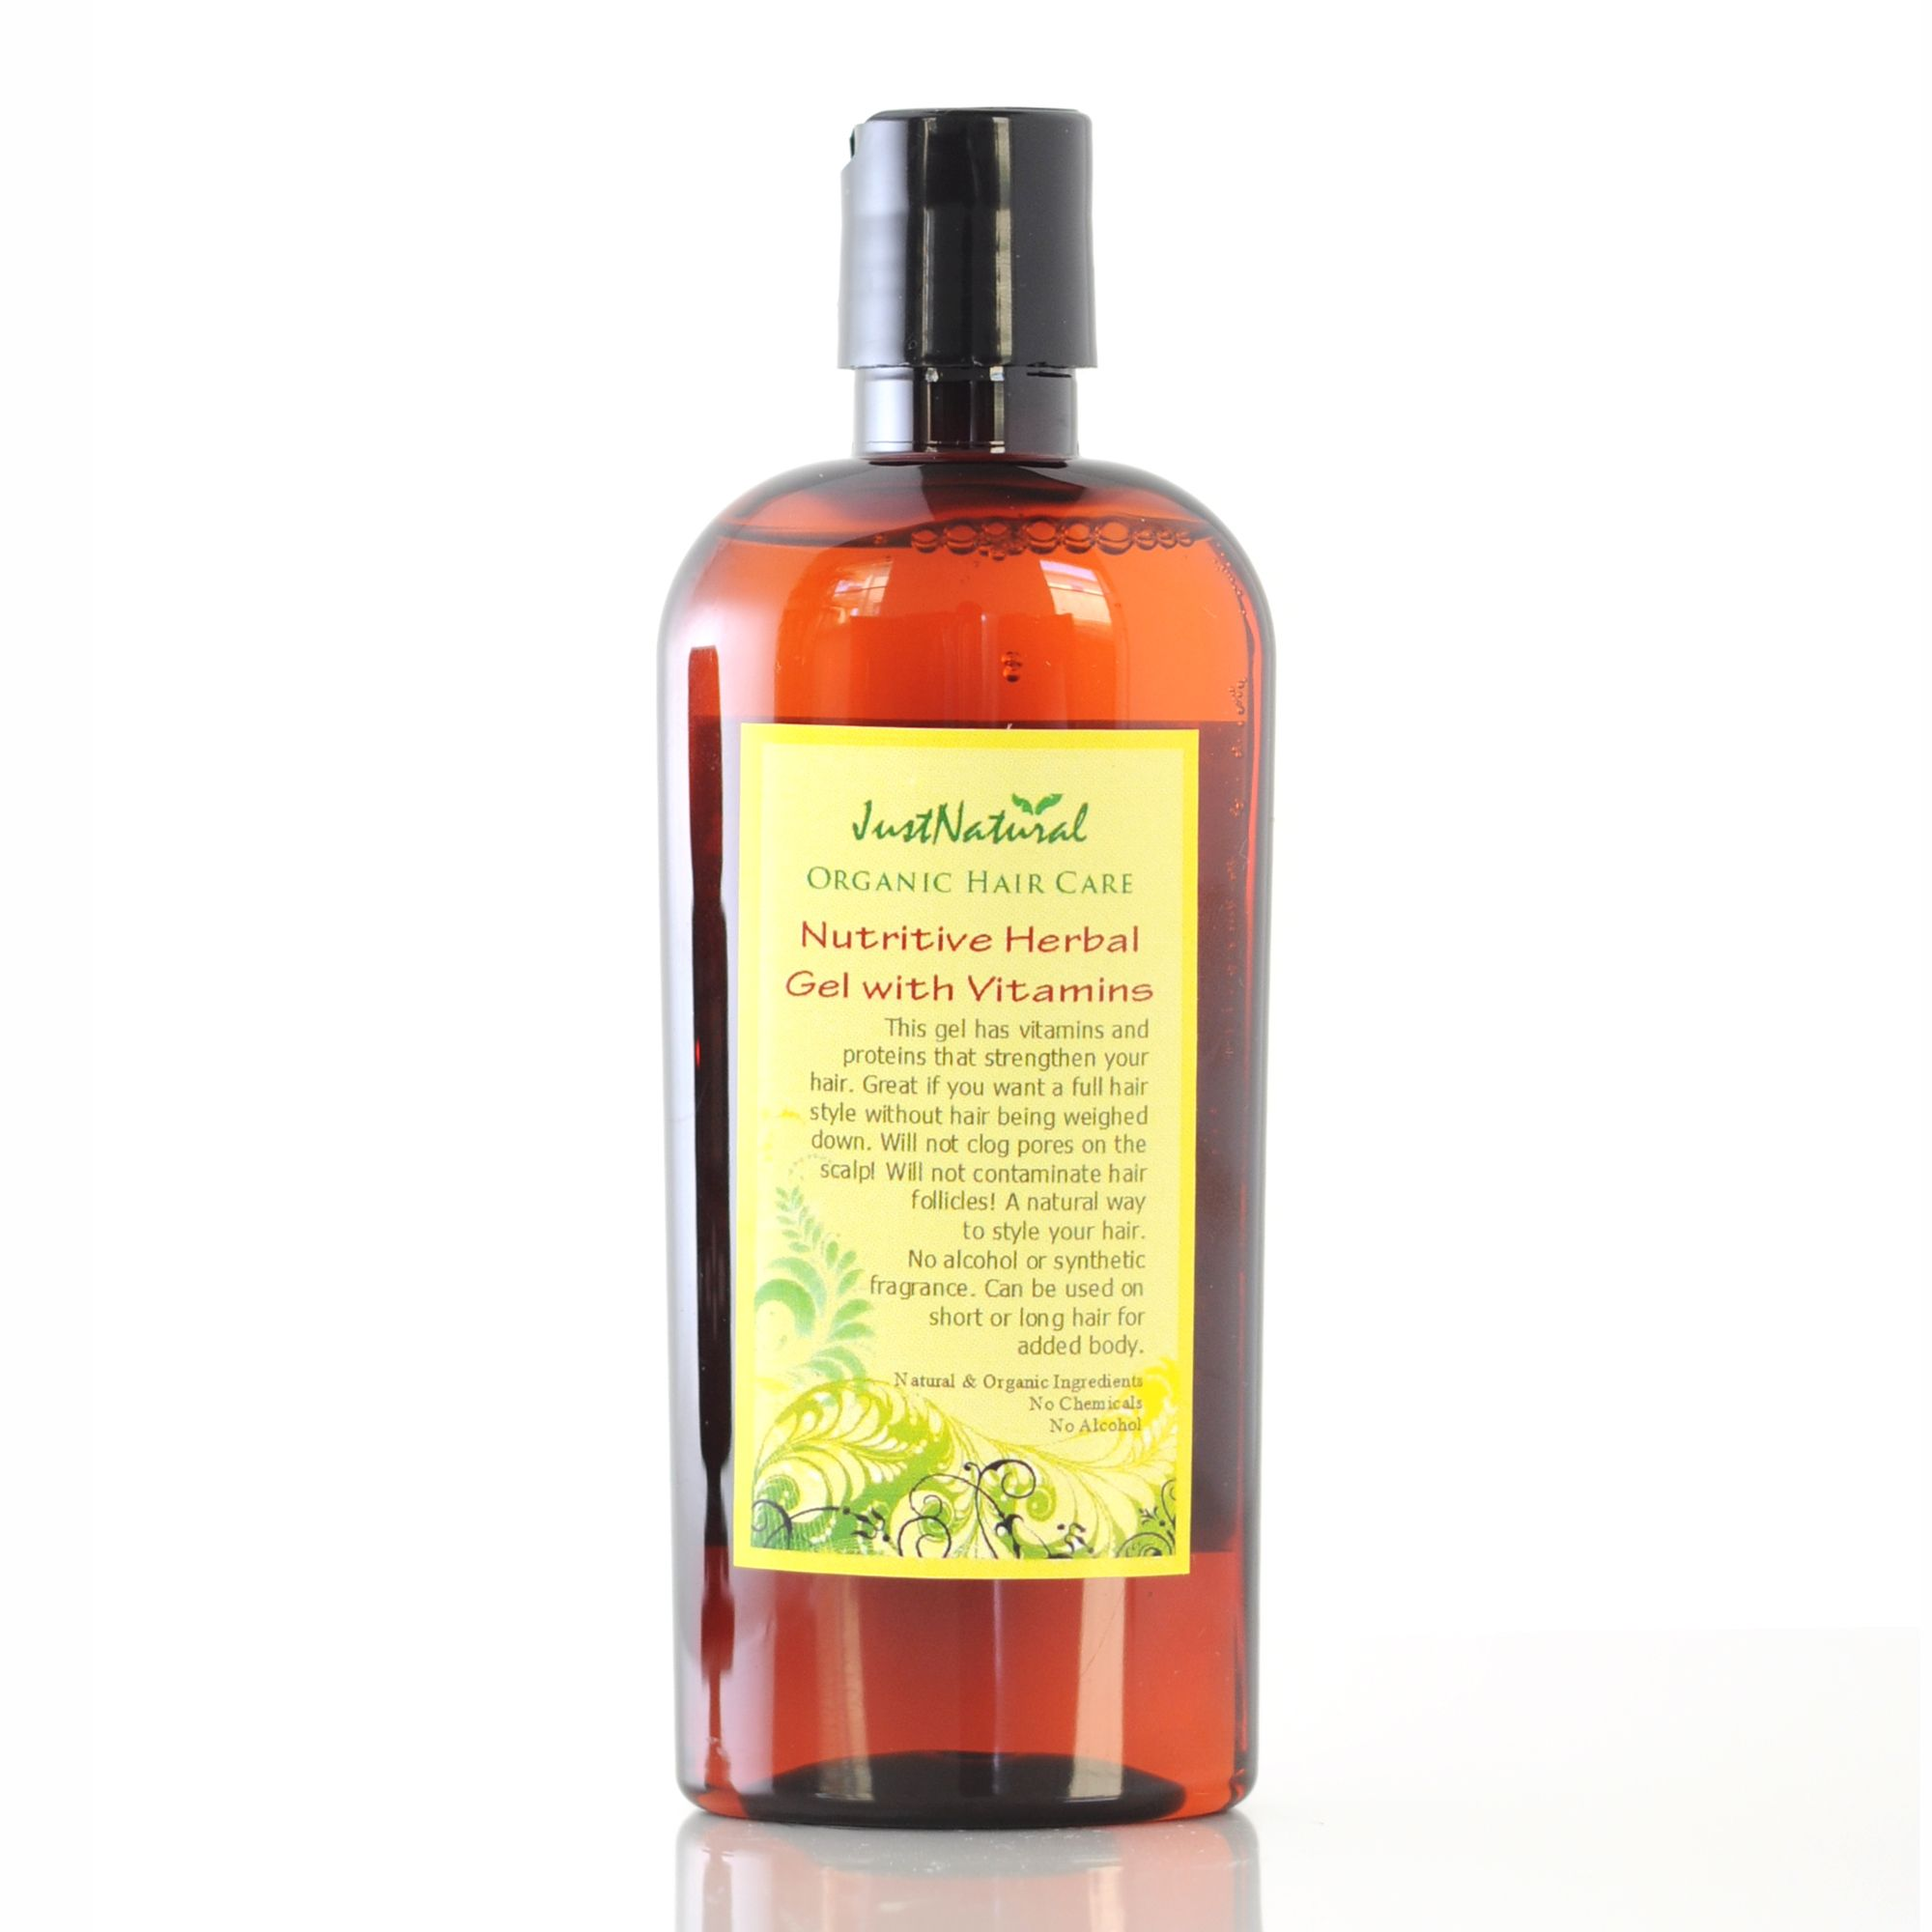 Nutritive Herbal Gel With Vitamins